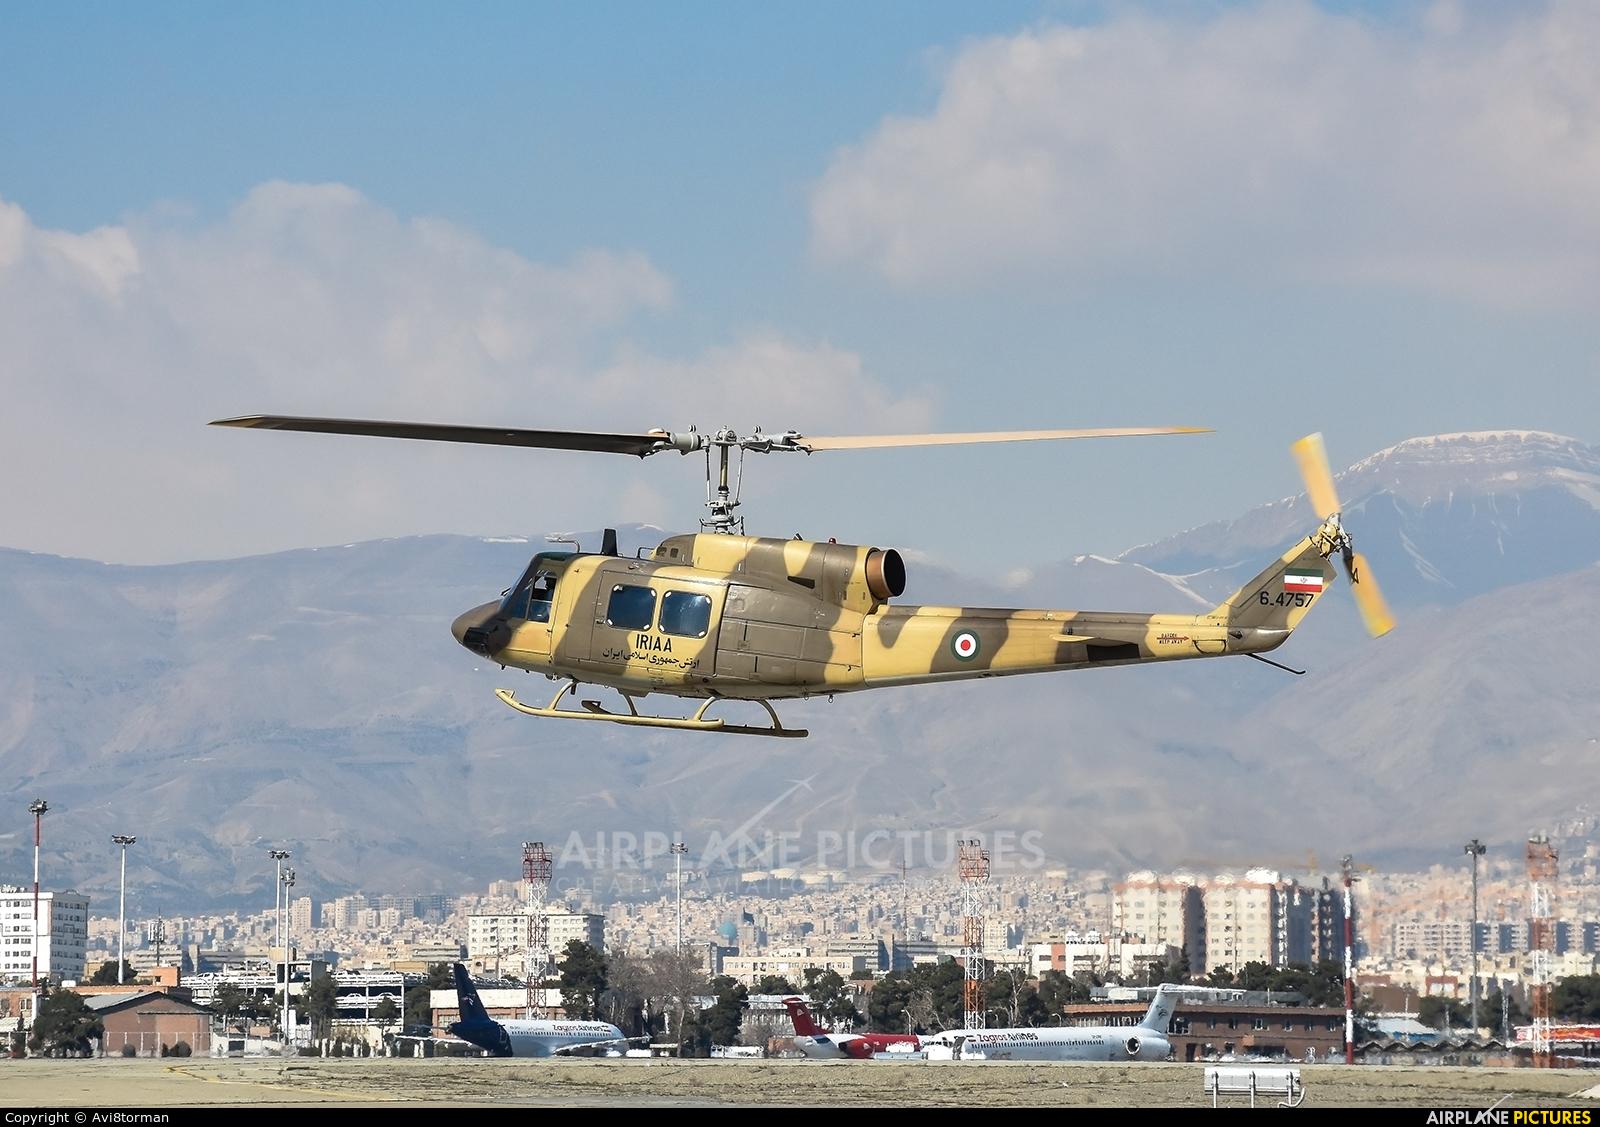 Iranian Army 6-4757 aircraft at Tehran - Mehrabad Intl